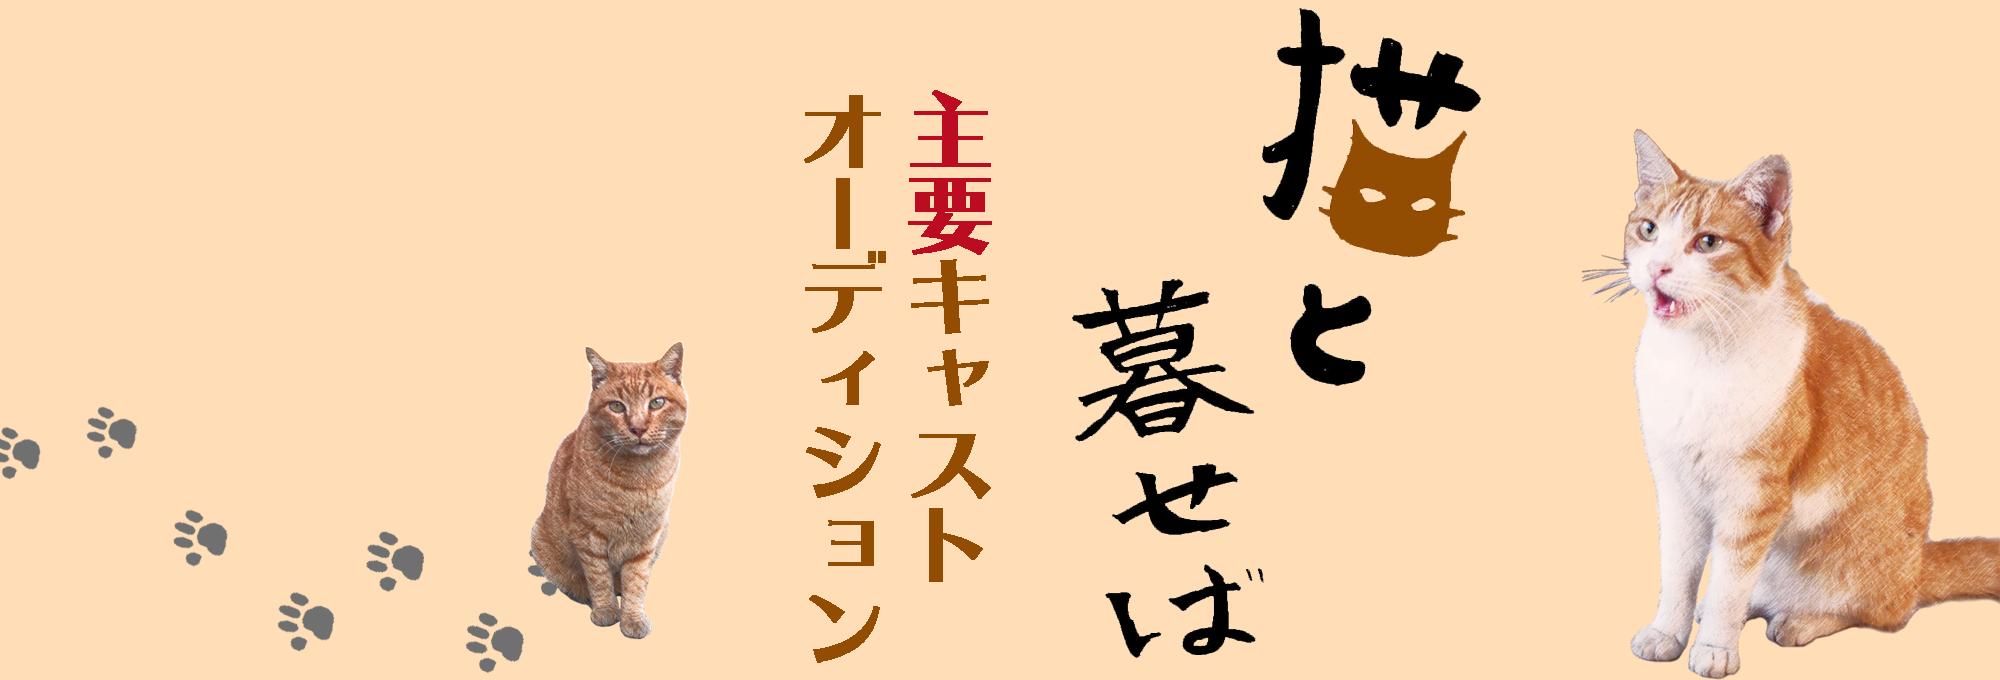 猫と暮せばキャストオーディション